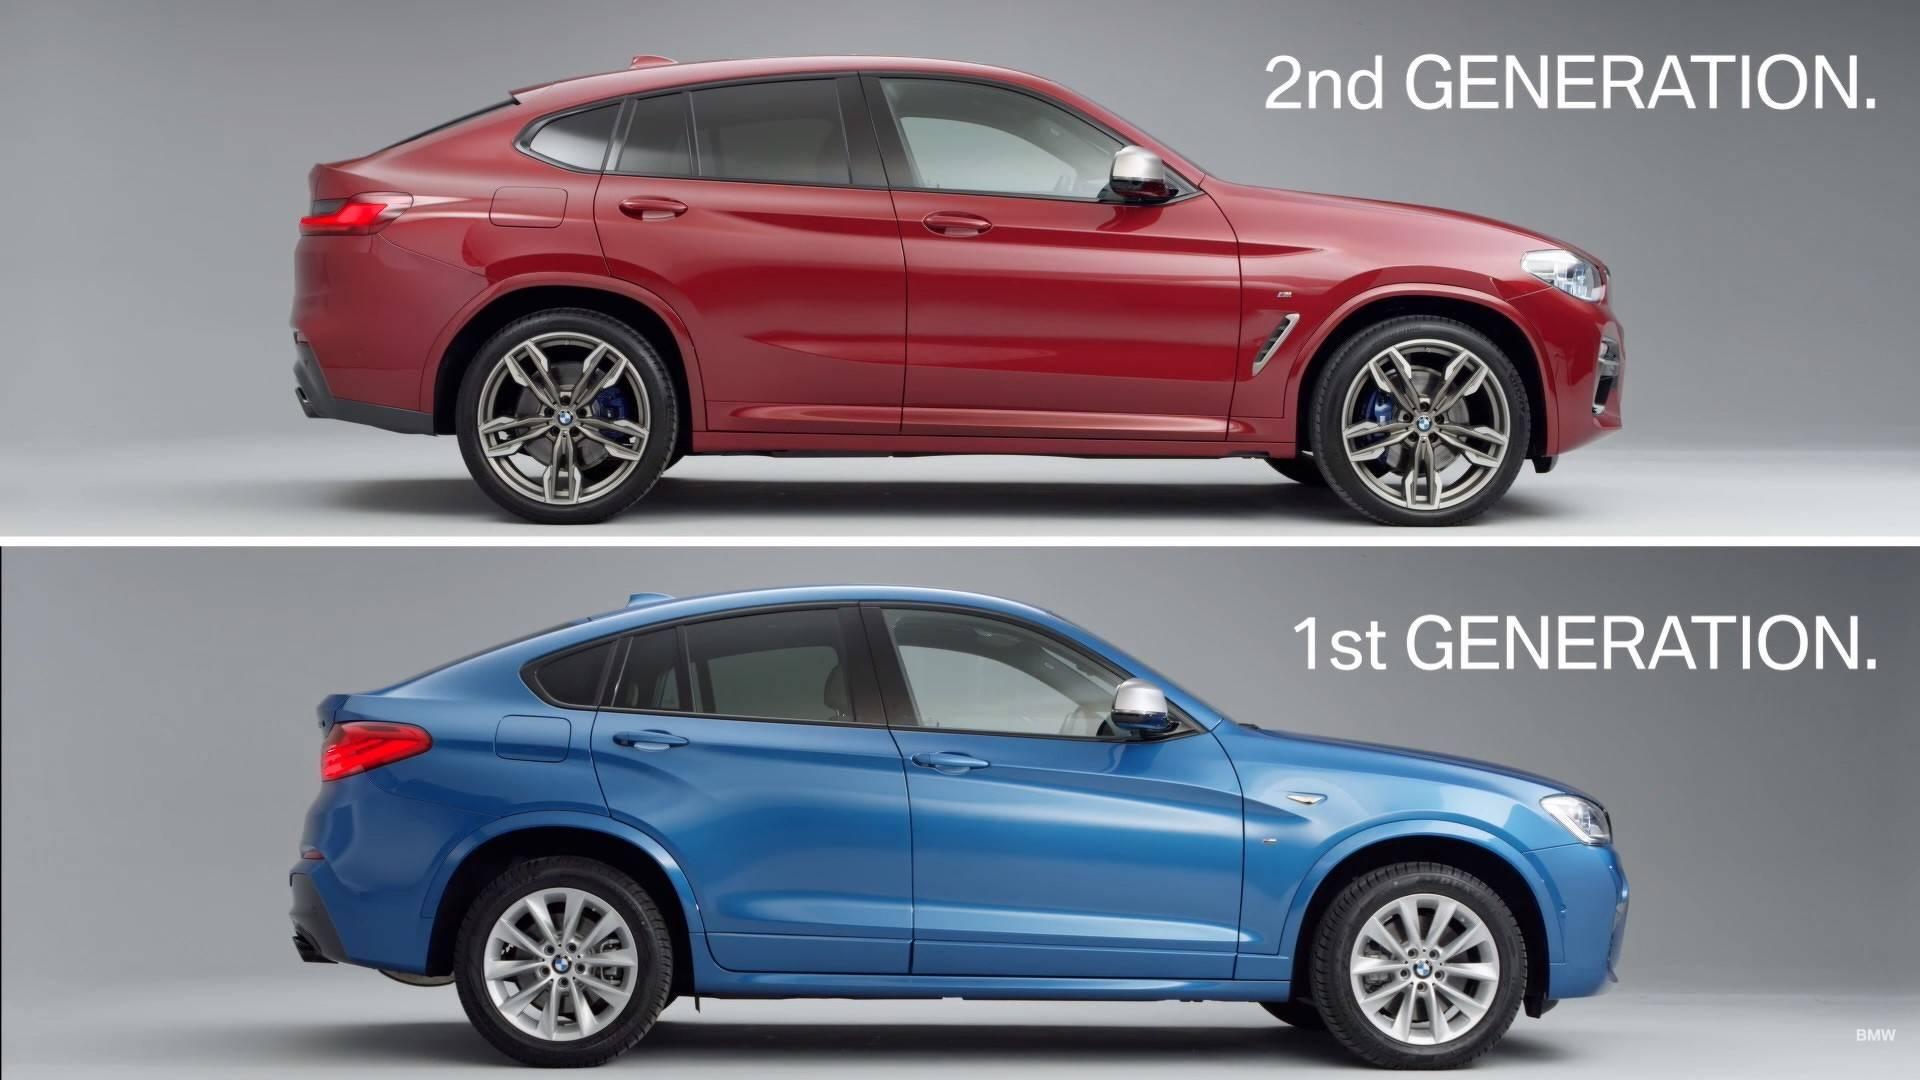 5aae12aab22e7 first gen bmw x4 vs second gen bmw x4 بی ام و x4 مدل ۲۰۱۹ رونمایی شد   اجاره ماشین